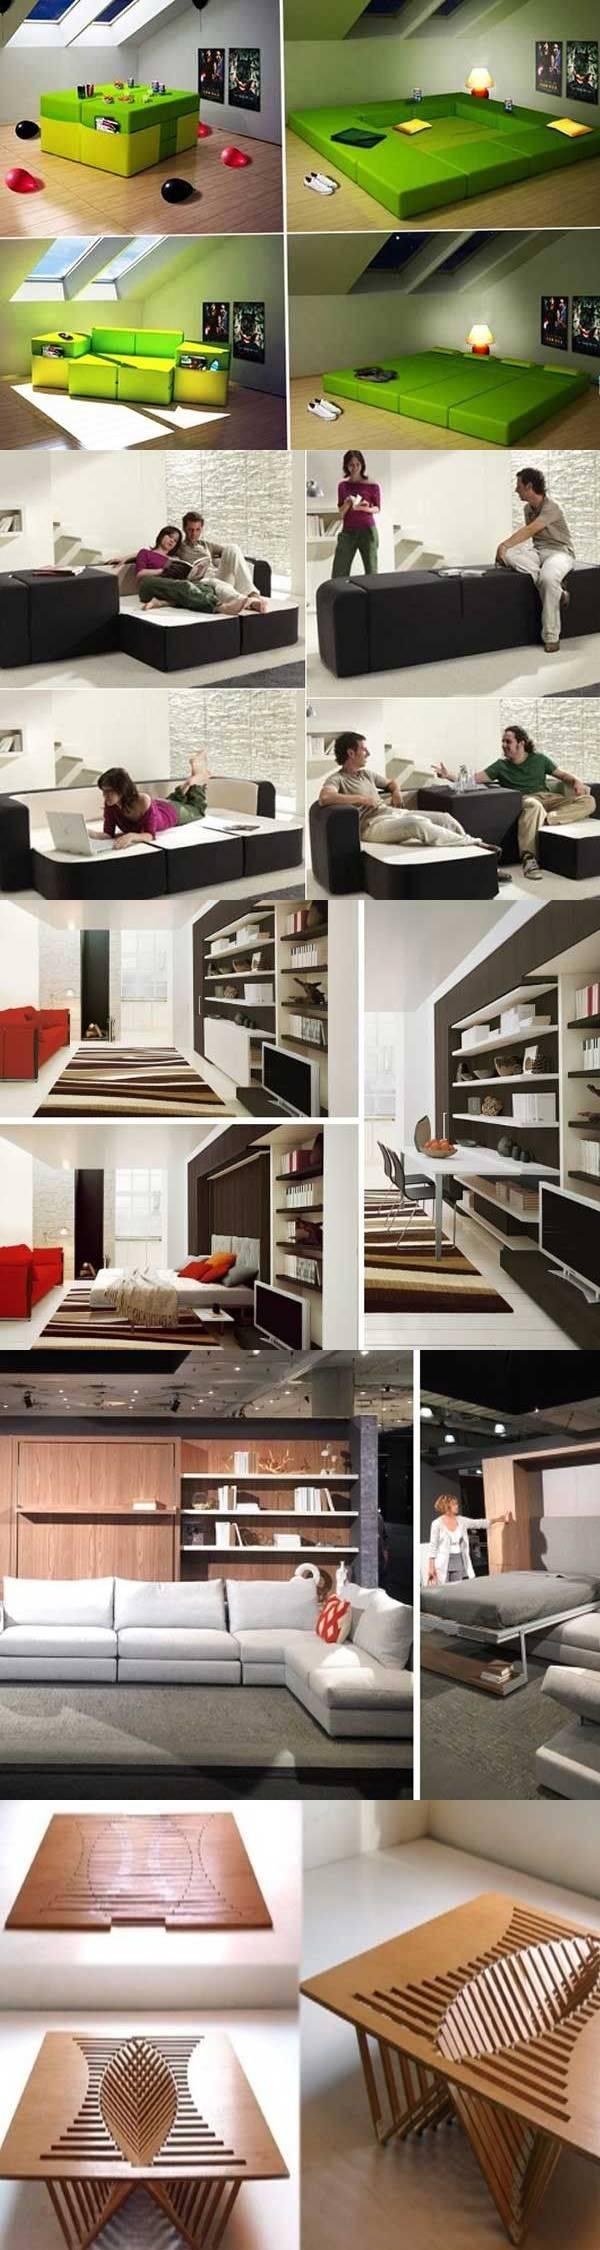 Мебель-трансформер в интерьере — 25 идей